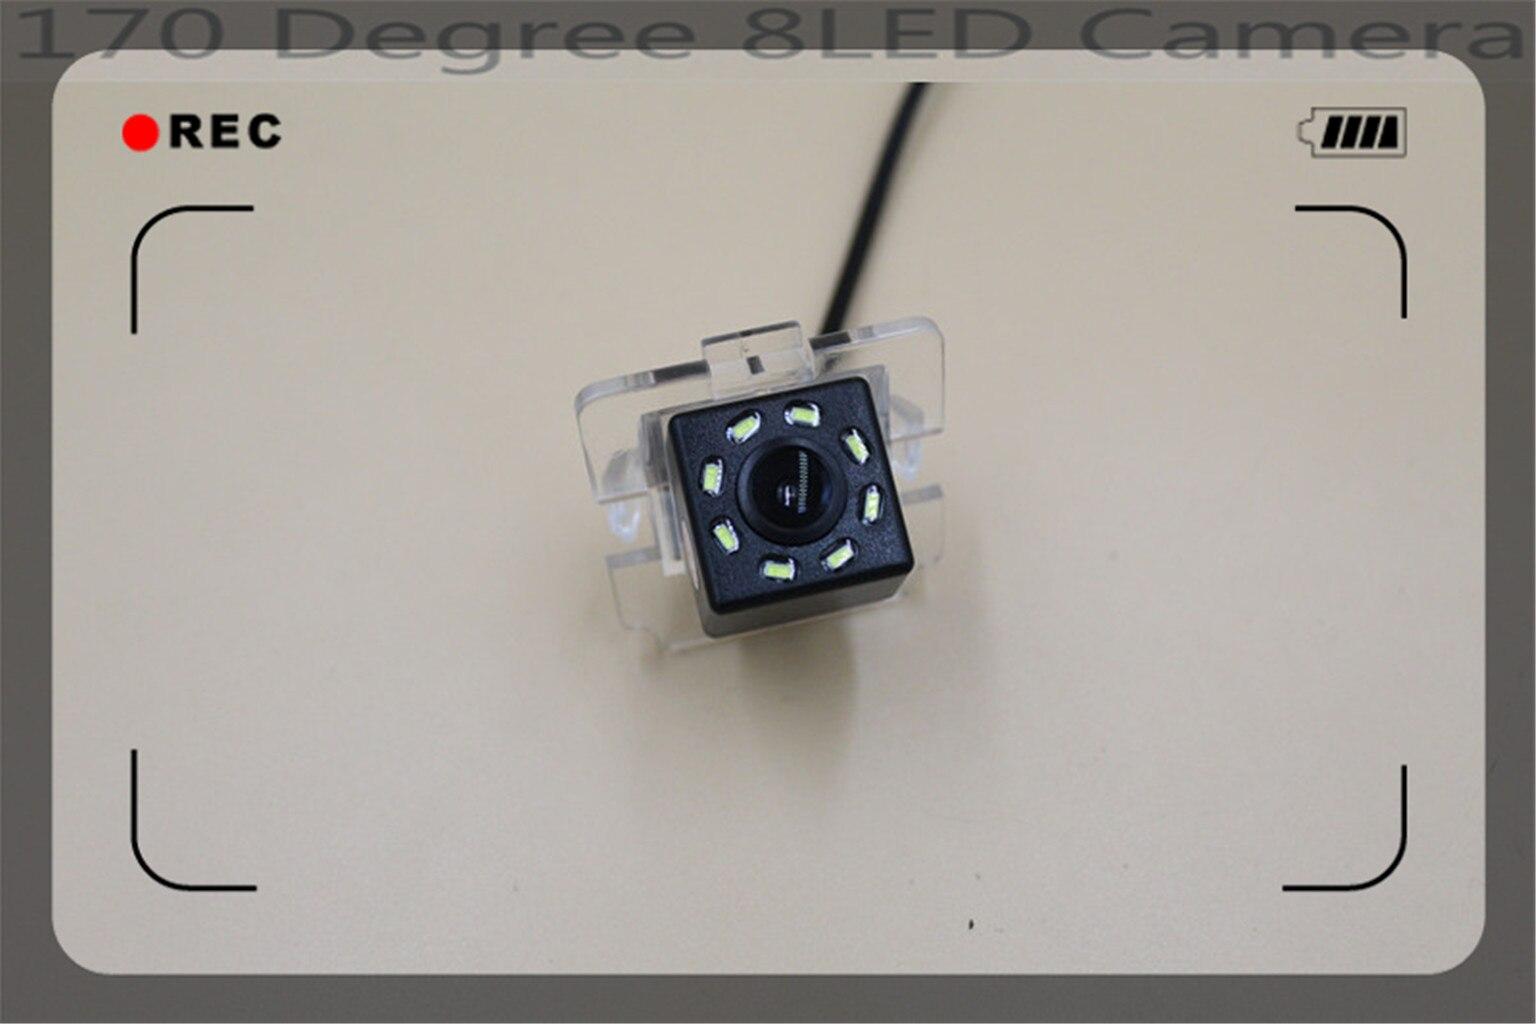 8LED 170 Degree Parking Car Rear View Camera For Mitsubishi Outlander 2003 - 2012 Reversing Car Camera